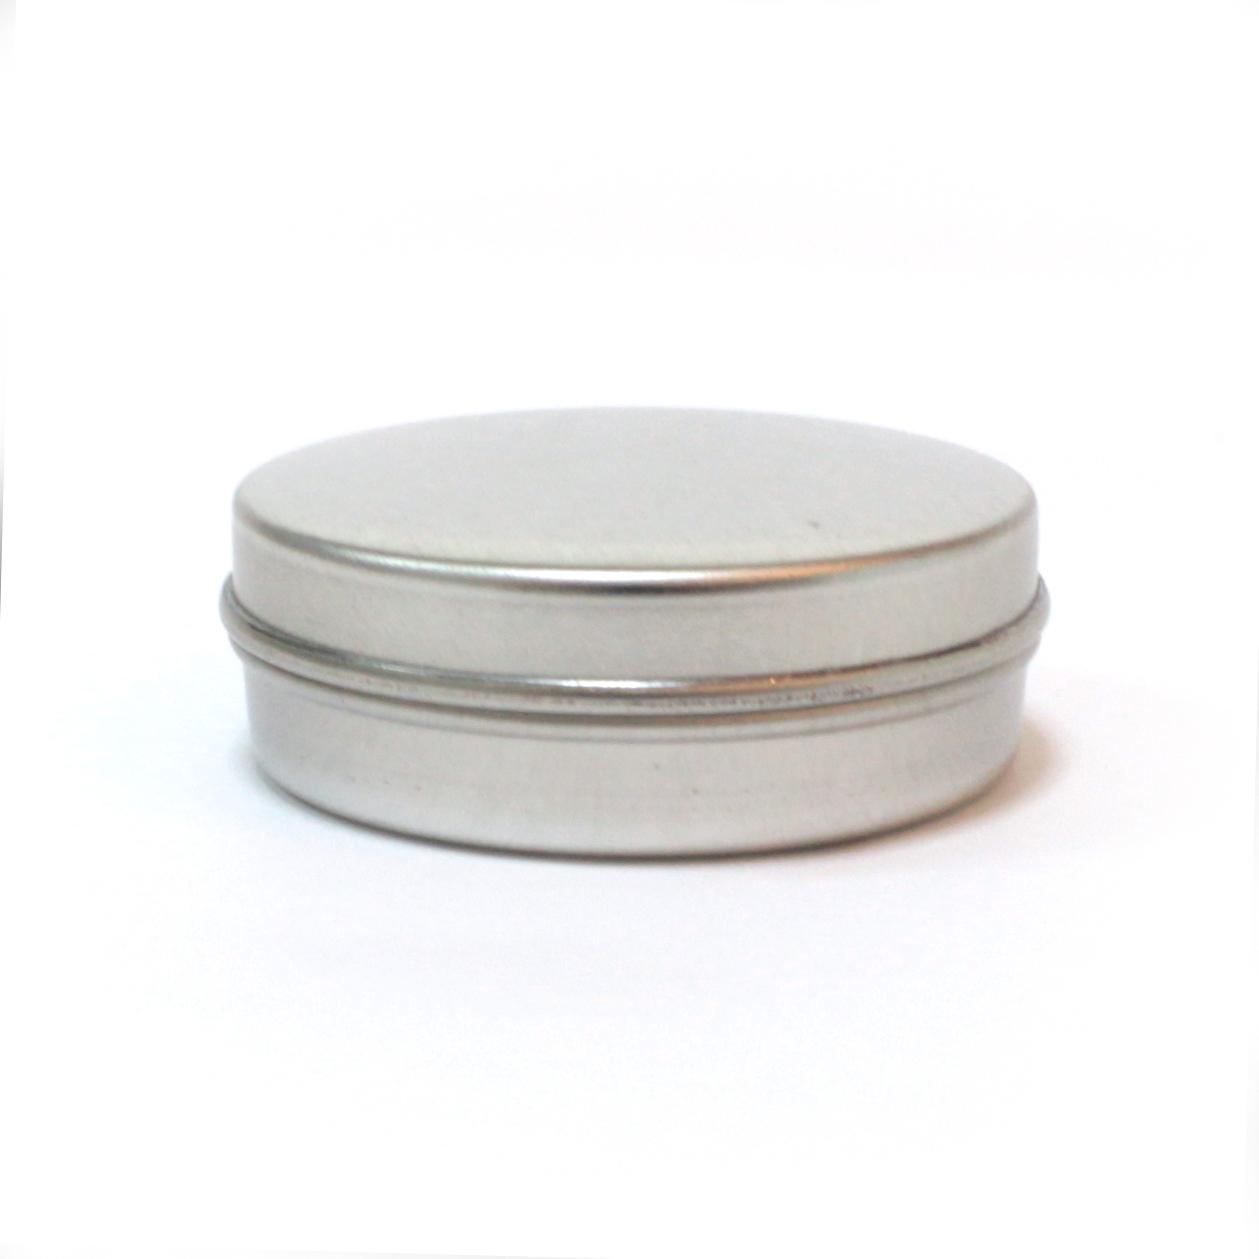 容器 メンタム缶 10g